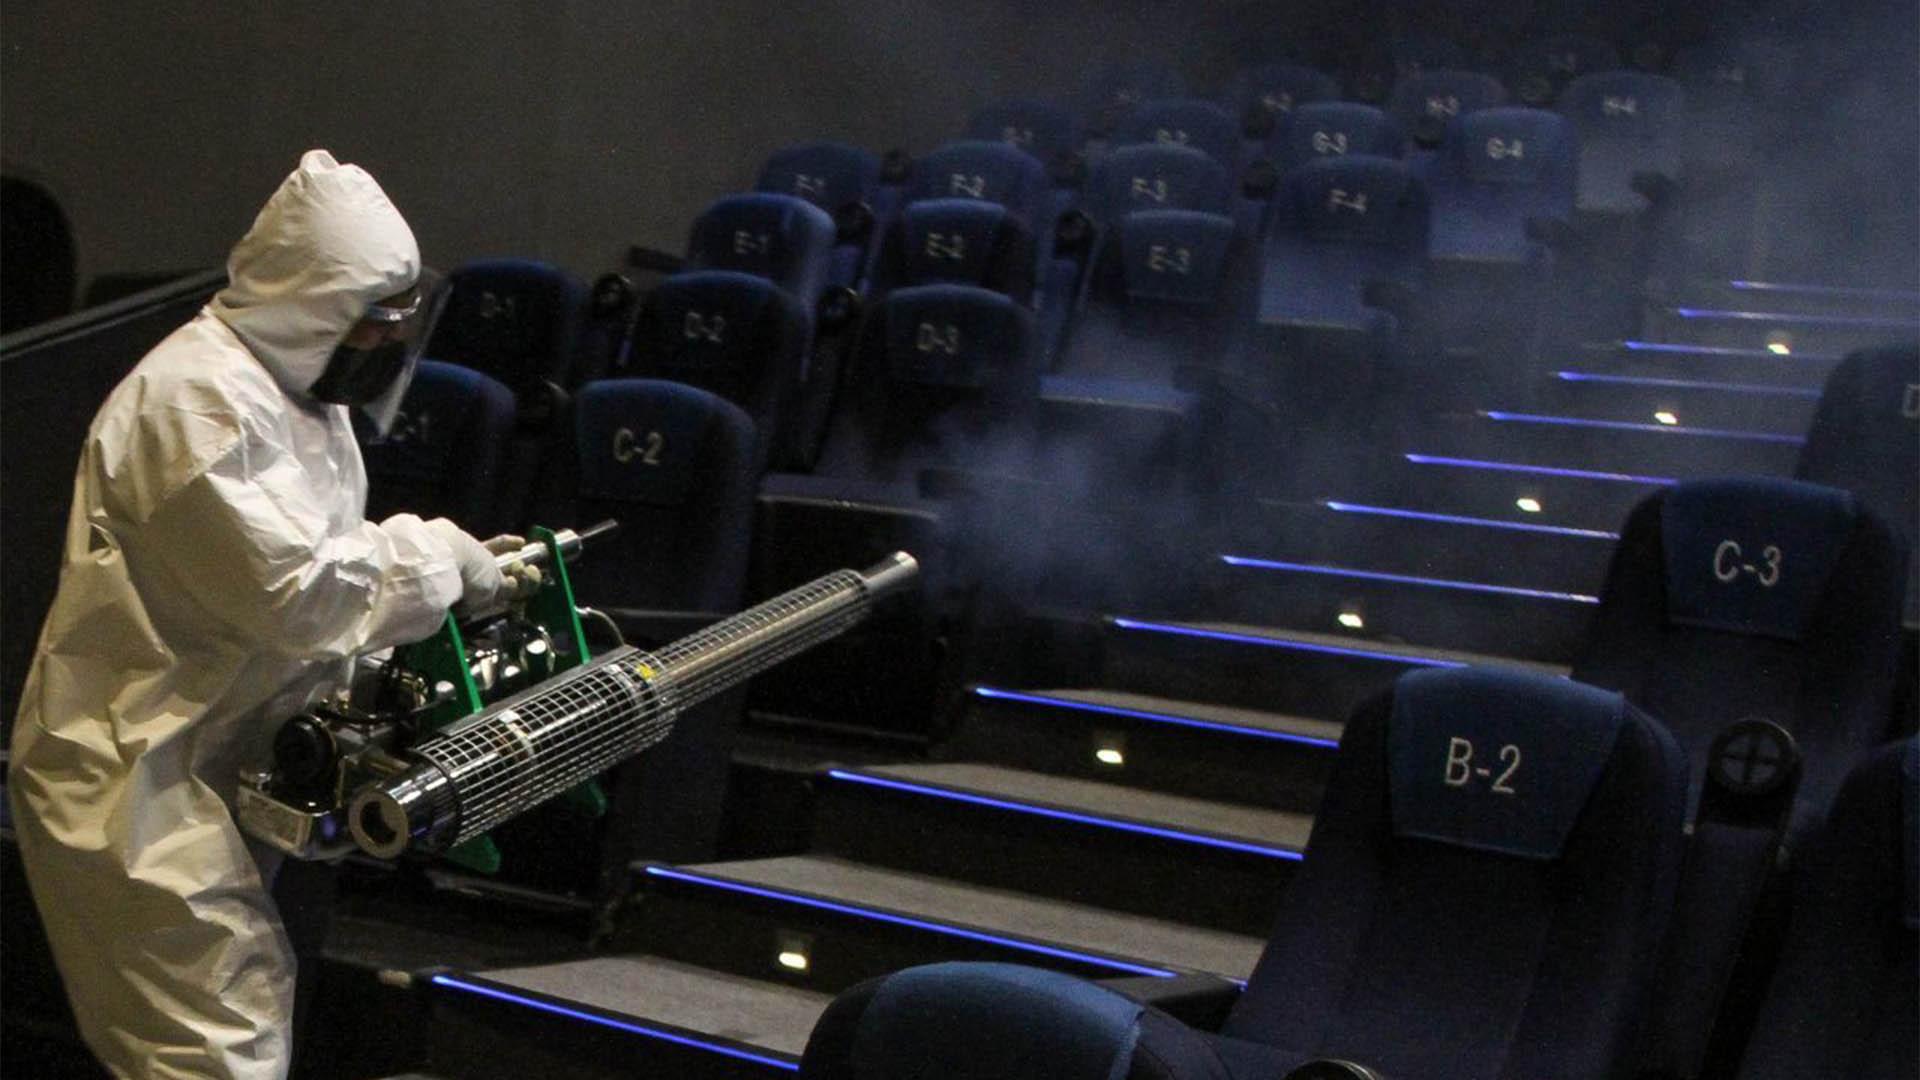 Las salas son sanitizadas antes de cada función y los asientos cuentan con la separación para la sana distancia (Foto: Cuartoscuro)